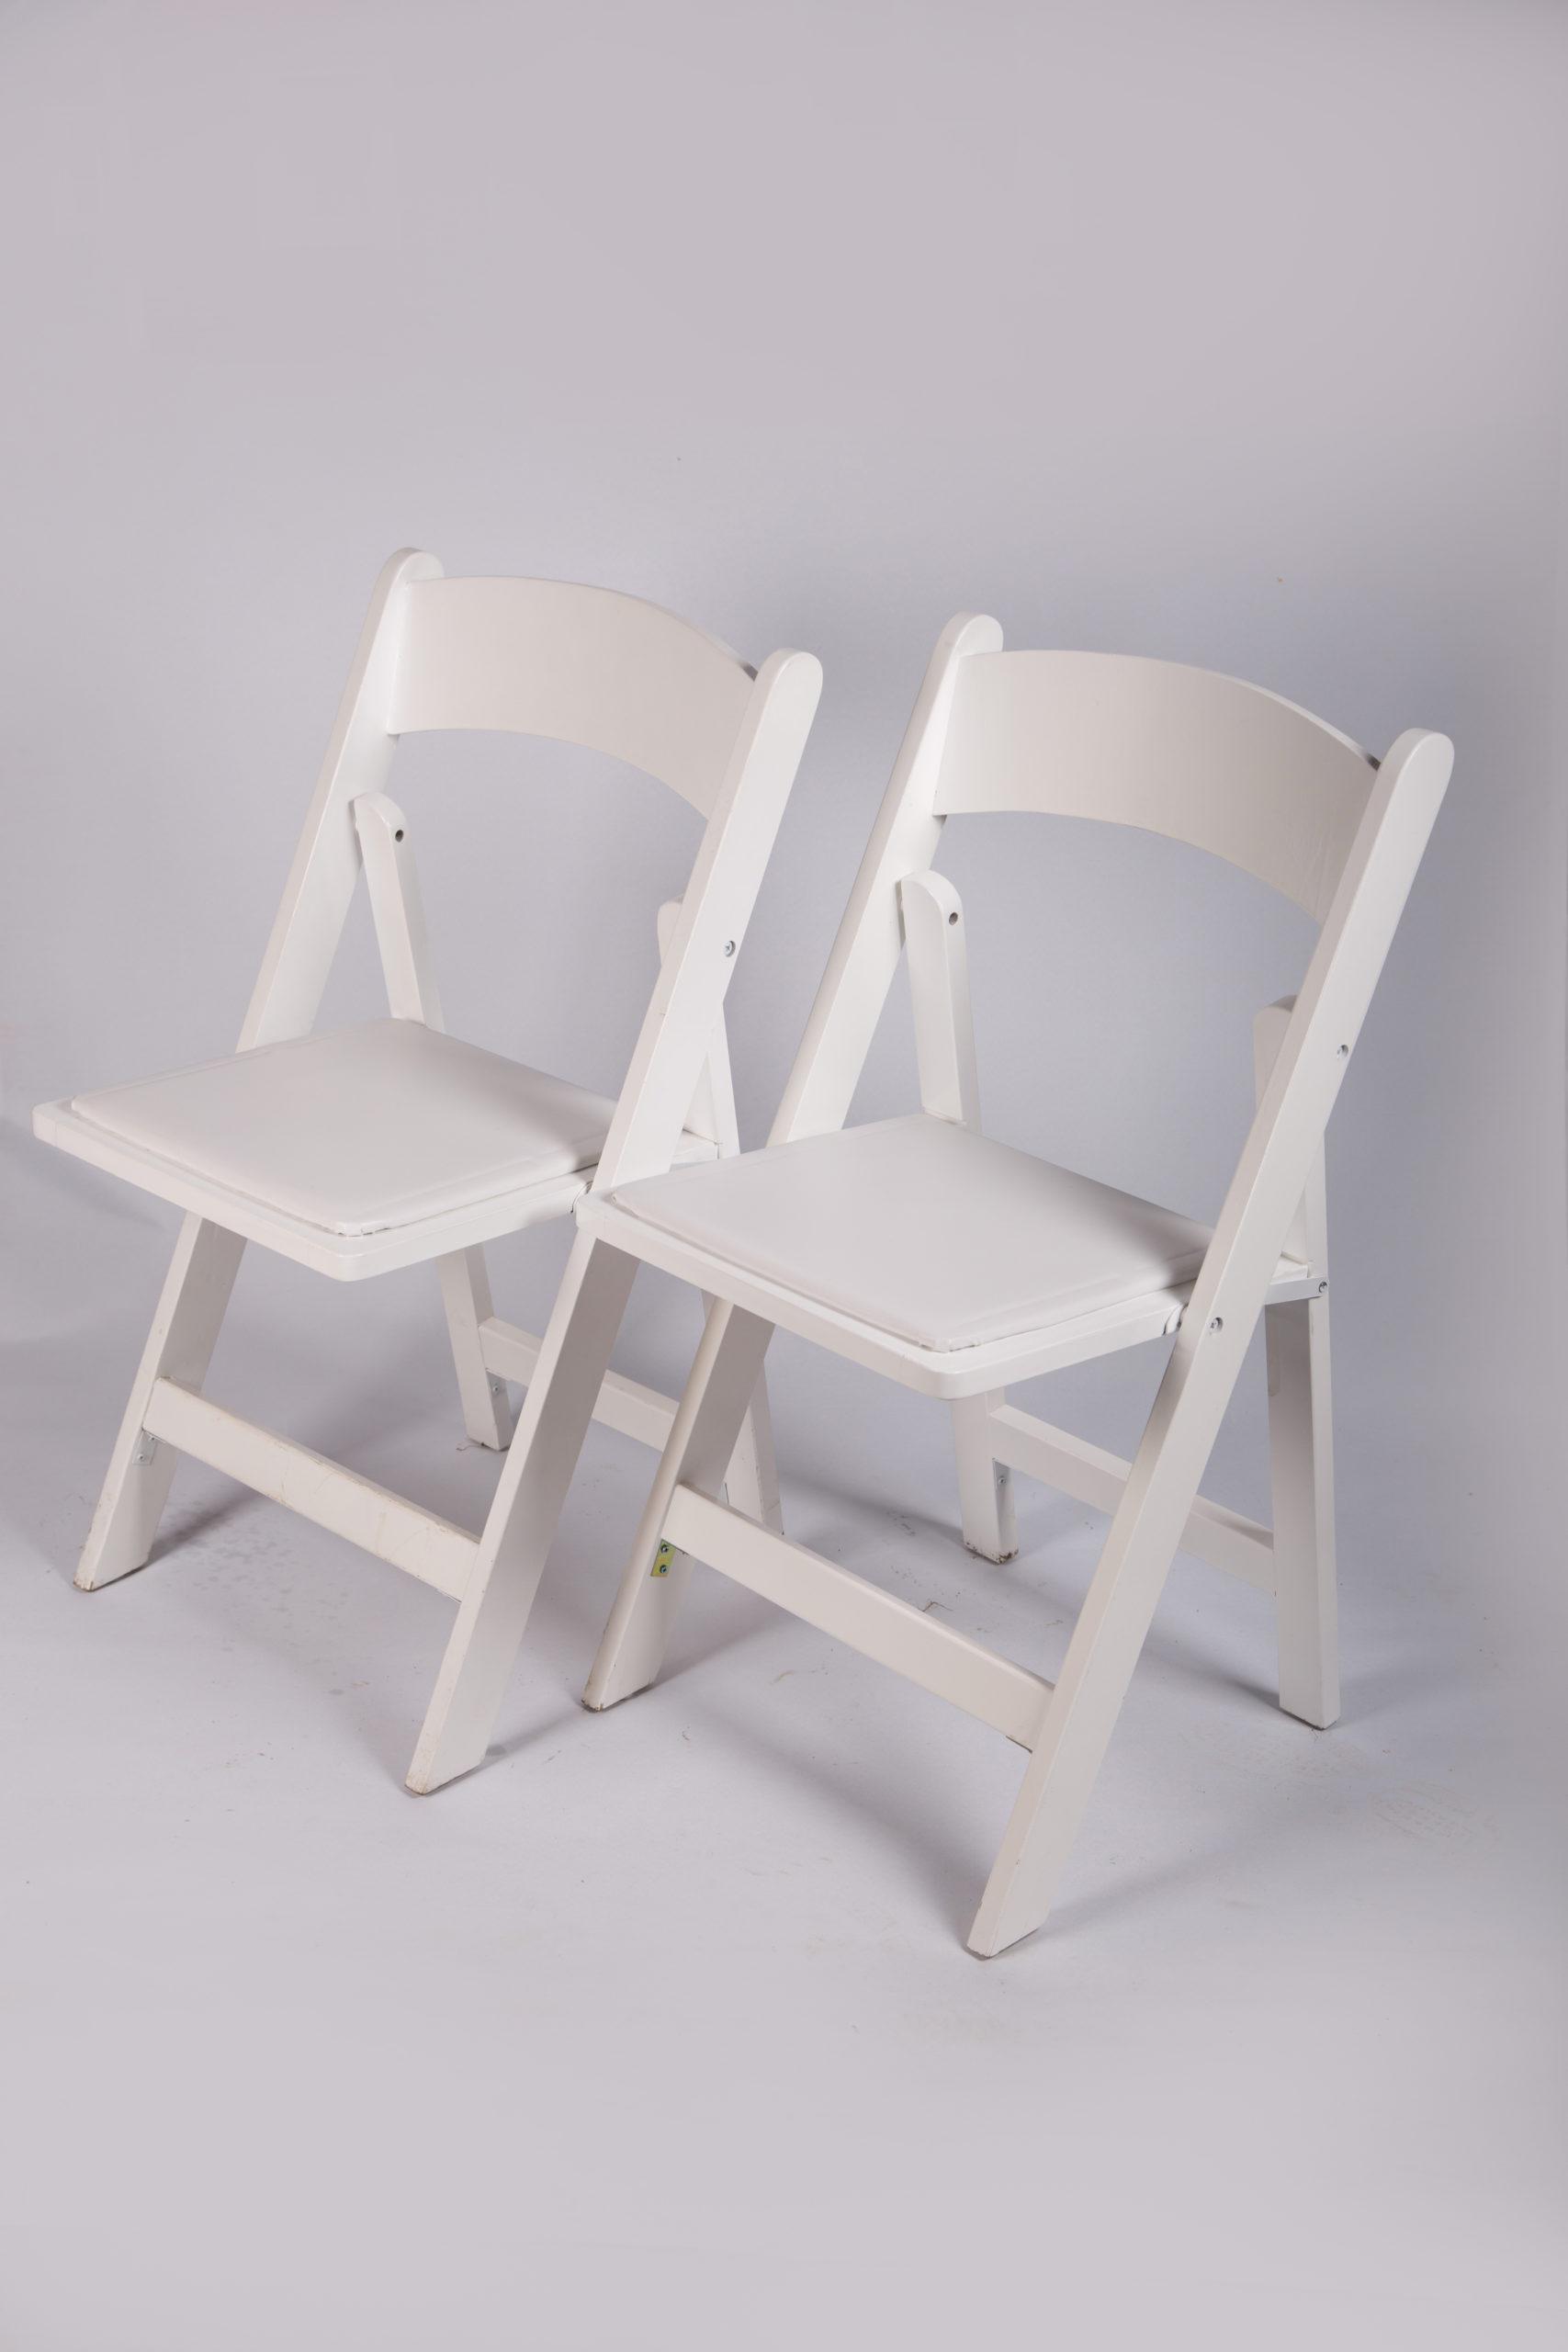 Hochzeitsstühle Stühle weiß Holz Polster gepolstert